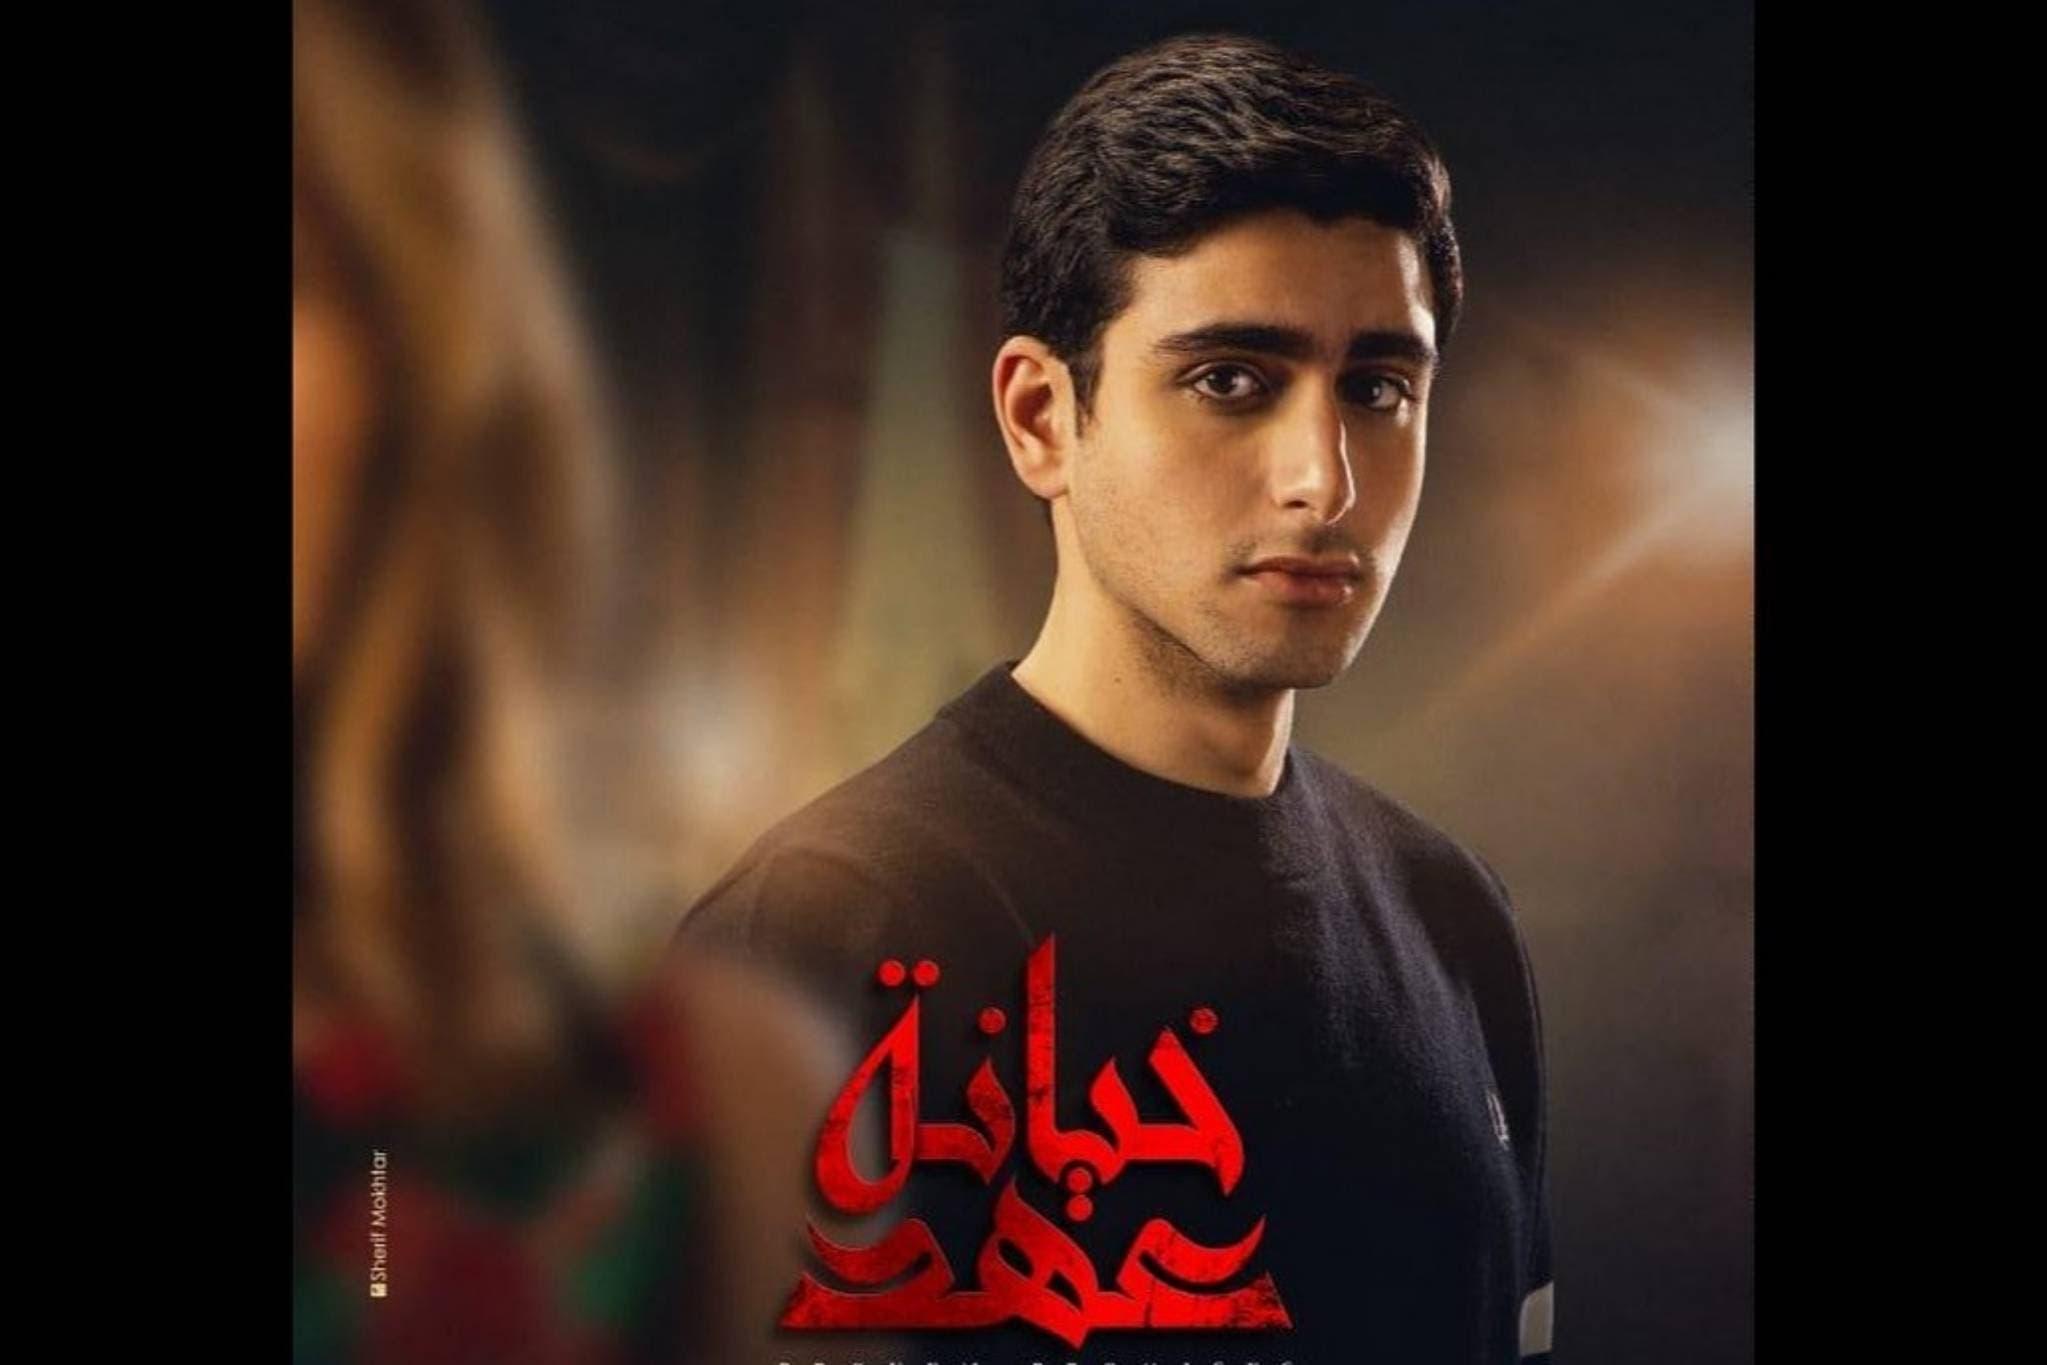 تيام مصطفى قمر من أفيش مسلسل خيانة عهد